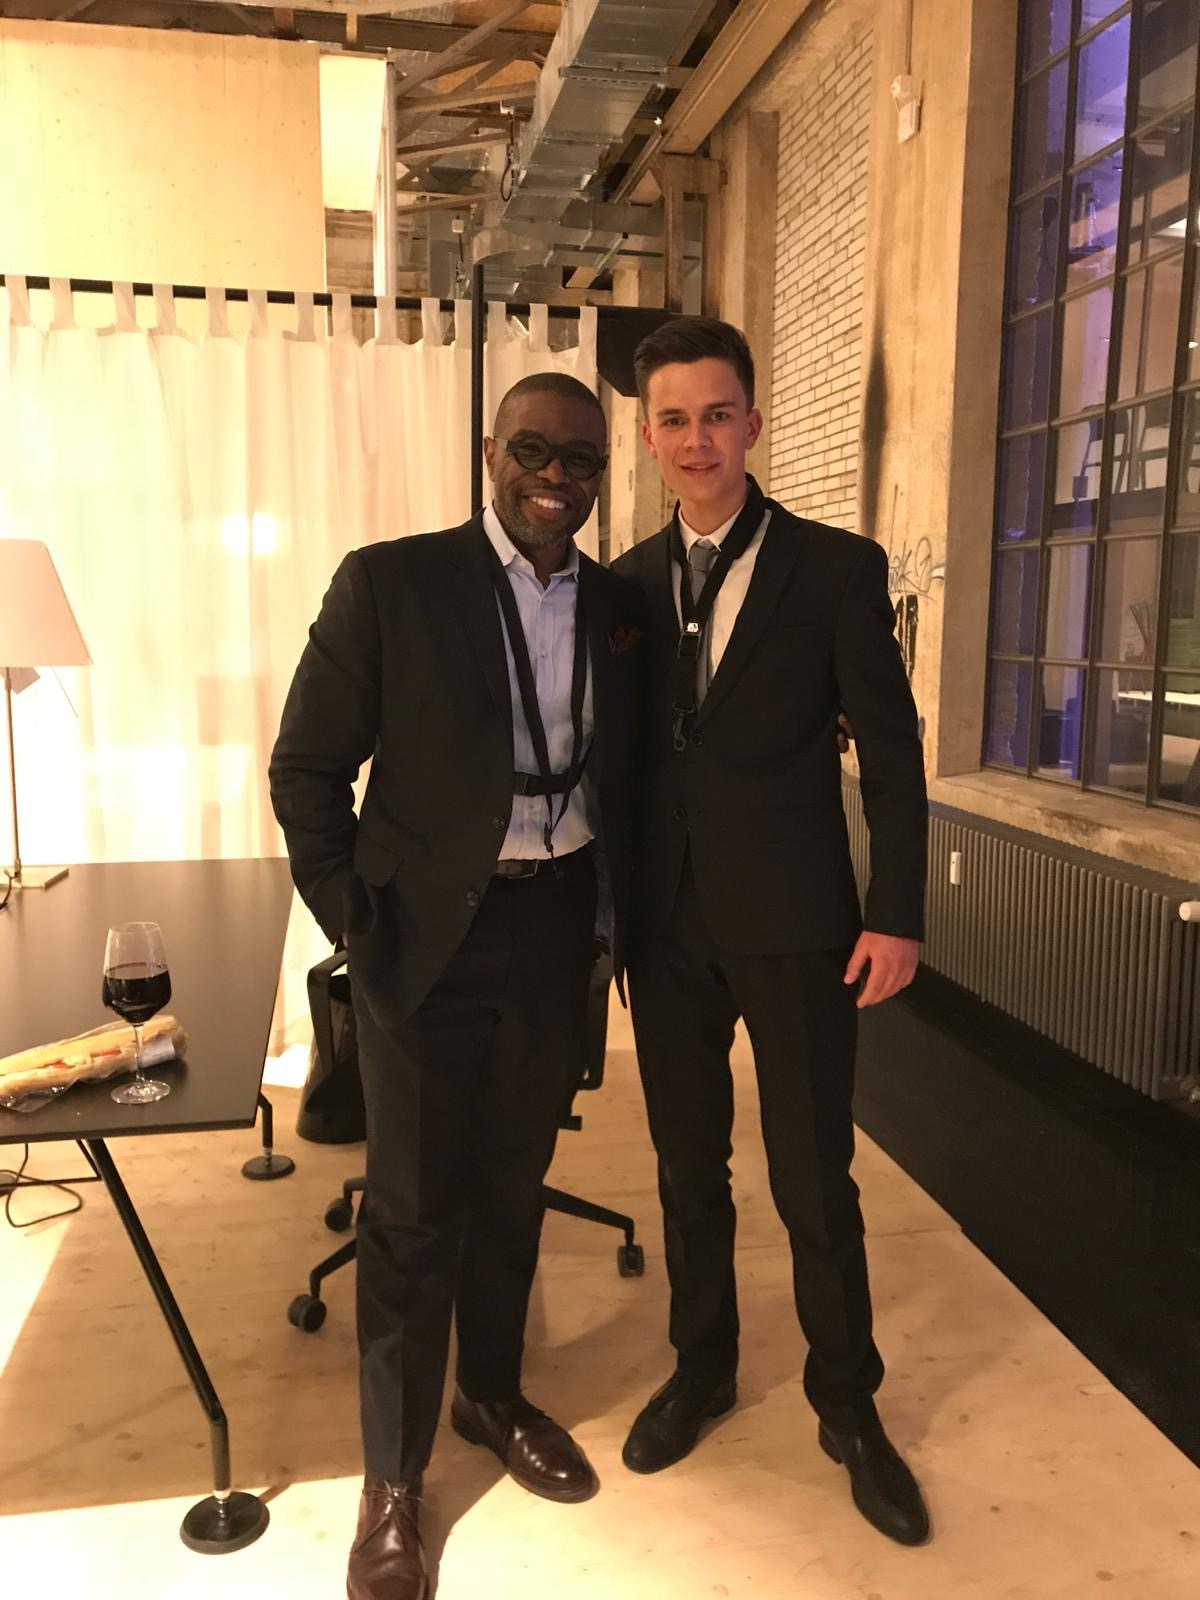 Antonio Hart & me